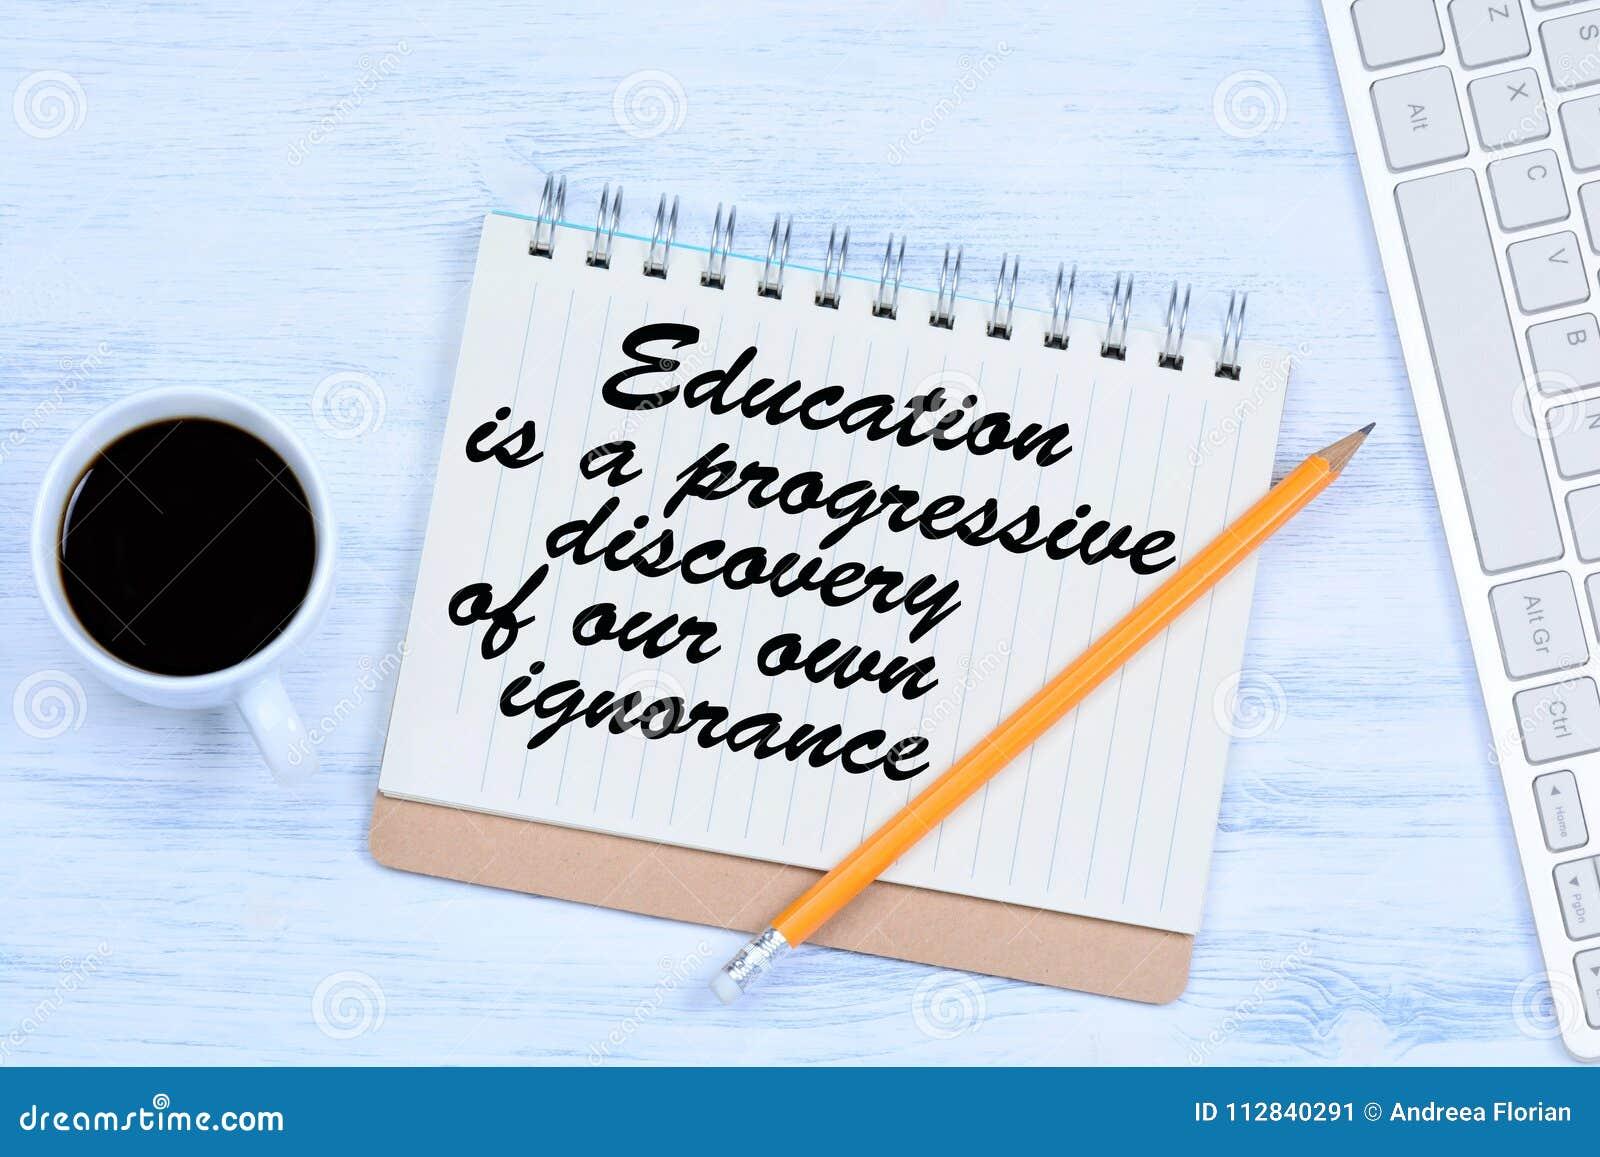 Edukacja jest postępowym odkryciem nasz swój ignorancja Tekst na notatniku